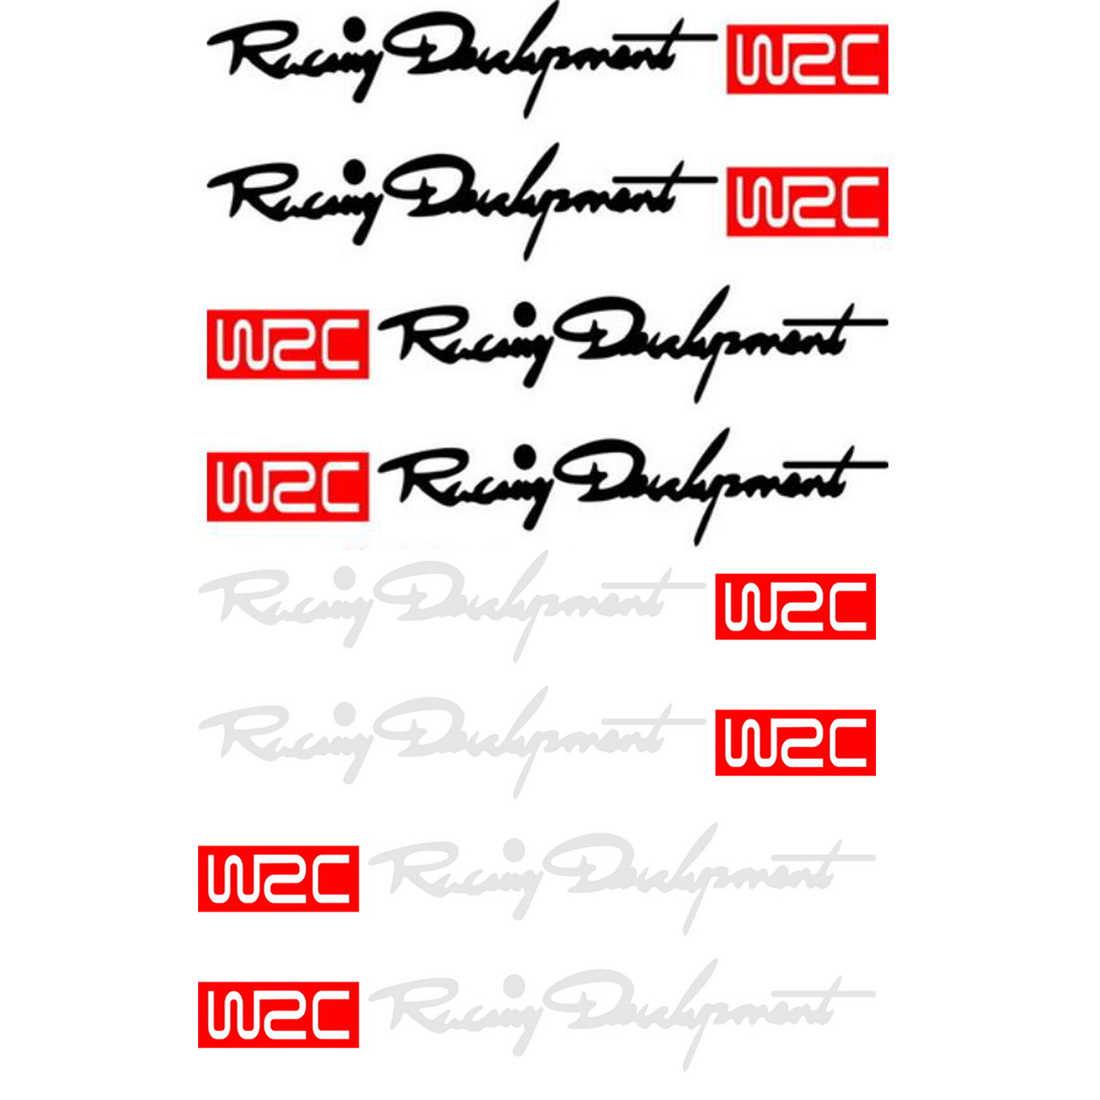 WRC רכב דלת ידית ויניל רכב גוף מדבקות עבור וולוו פורד פוקוס פולקסווגן פולקסווגן JETTA MK6 גולף 5 6 7 עבור סקודה פאביה